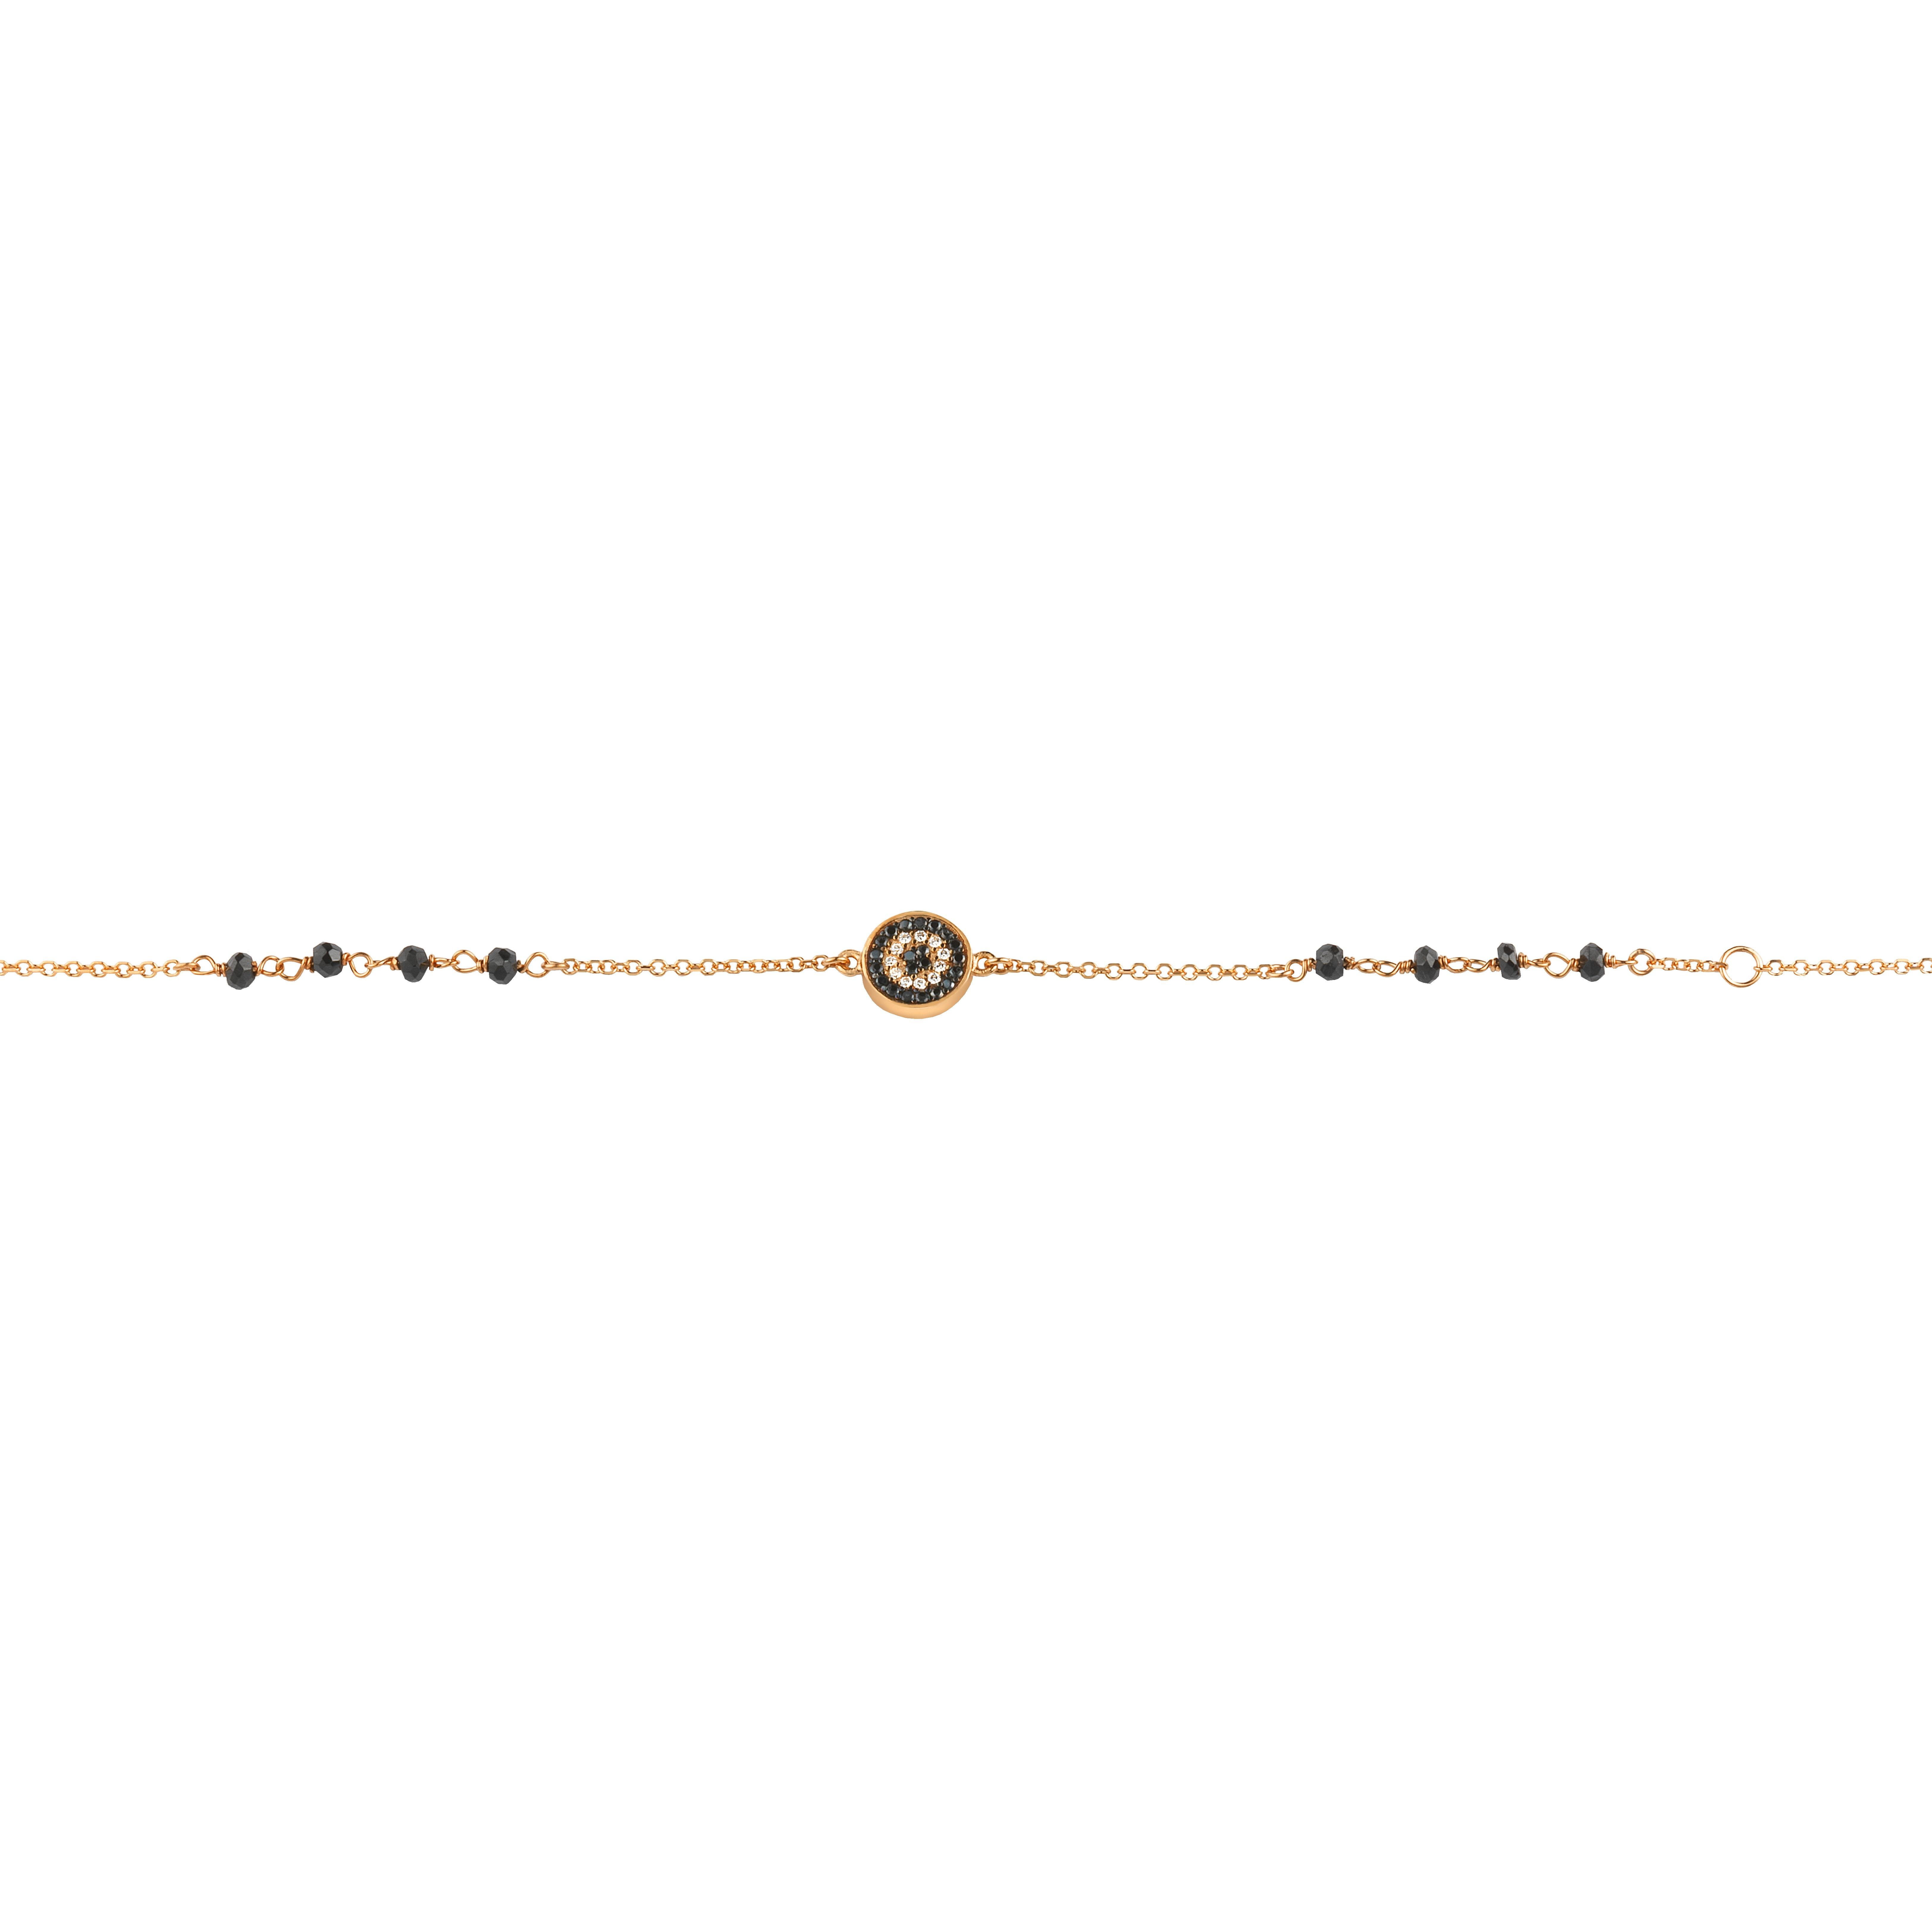 Βραχιόλι με Μαύρα Ζιργκόν Ροζ Χρυσός Κ9 - 10200